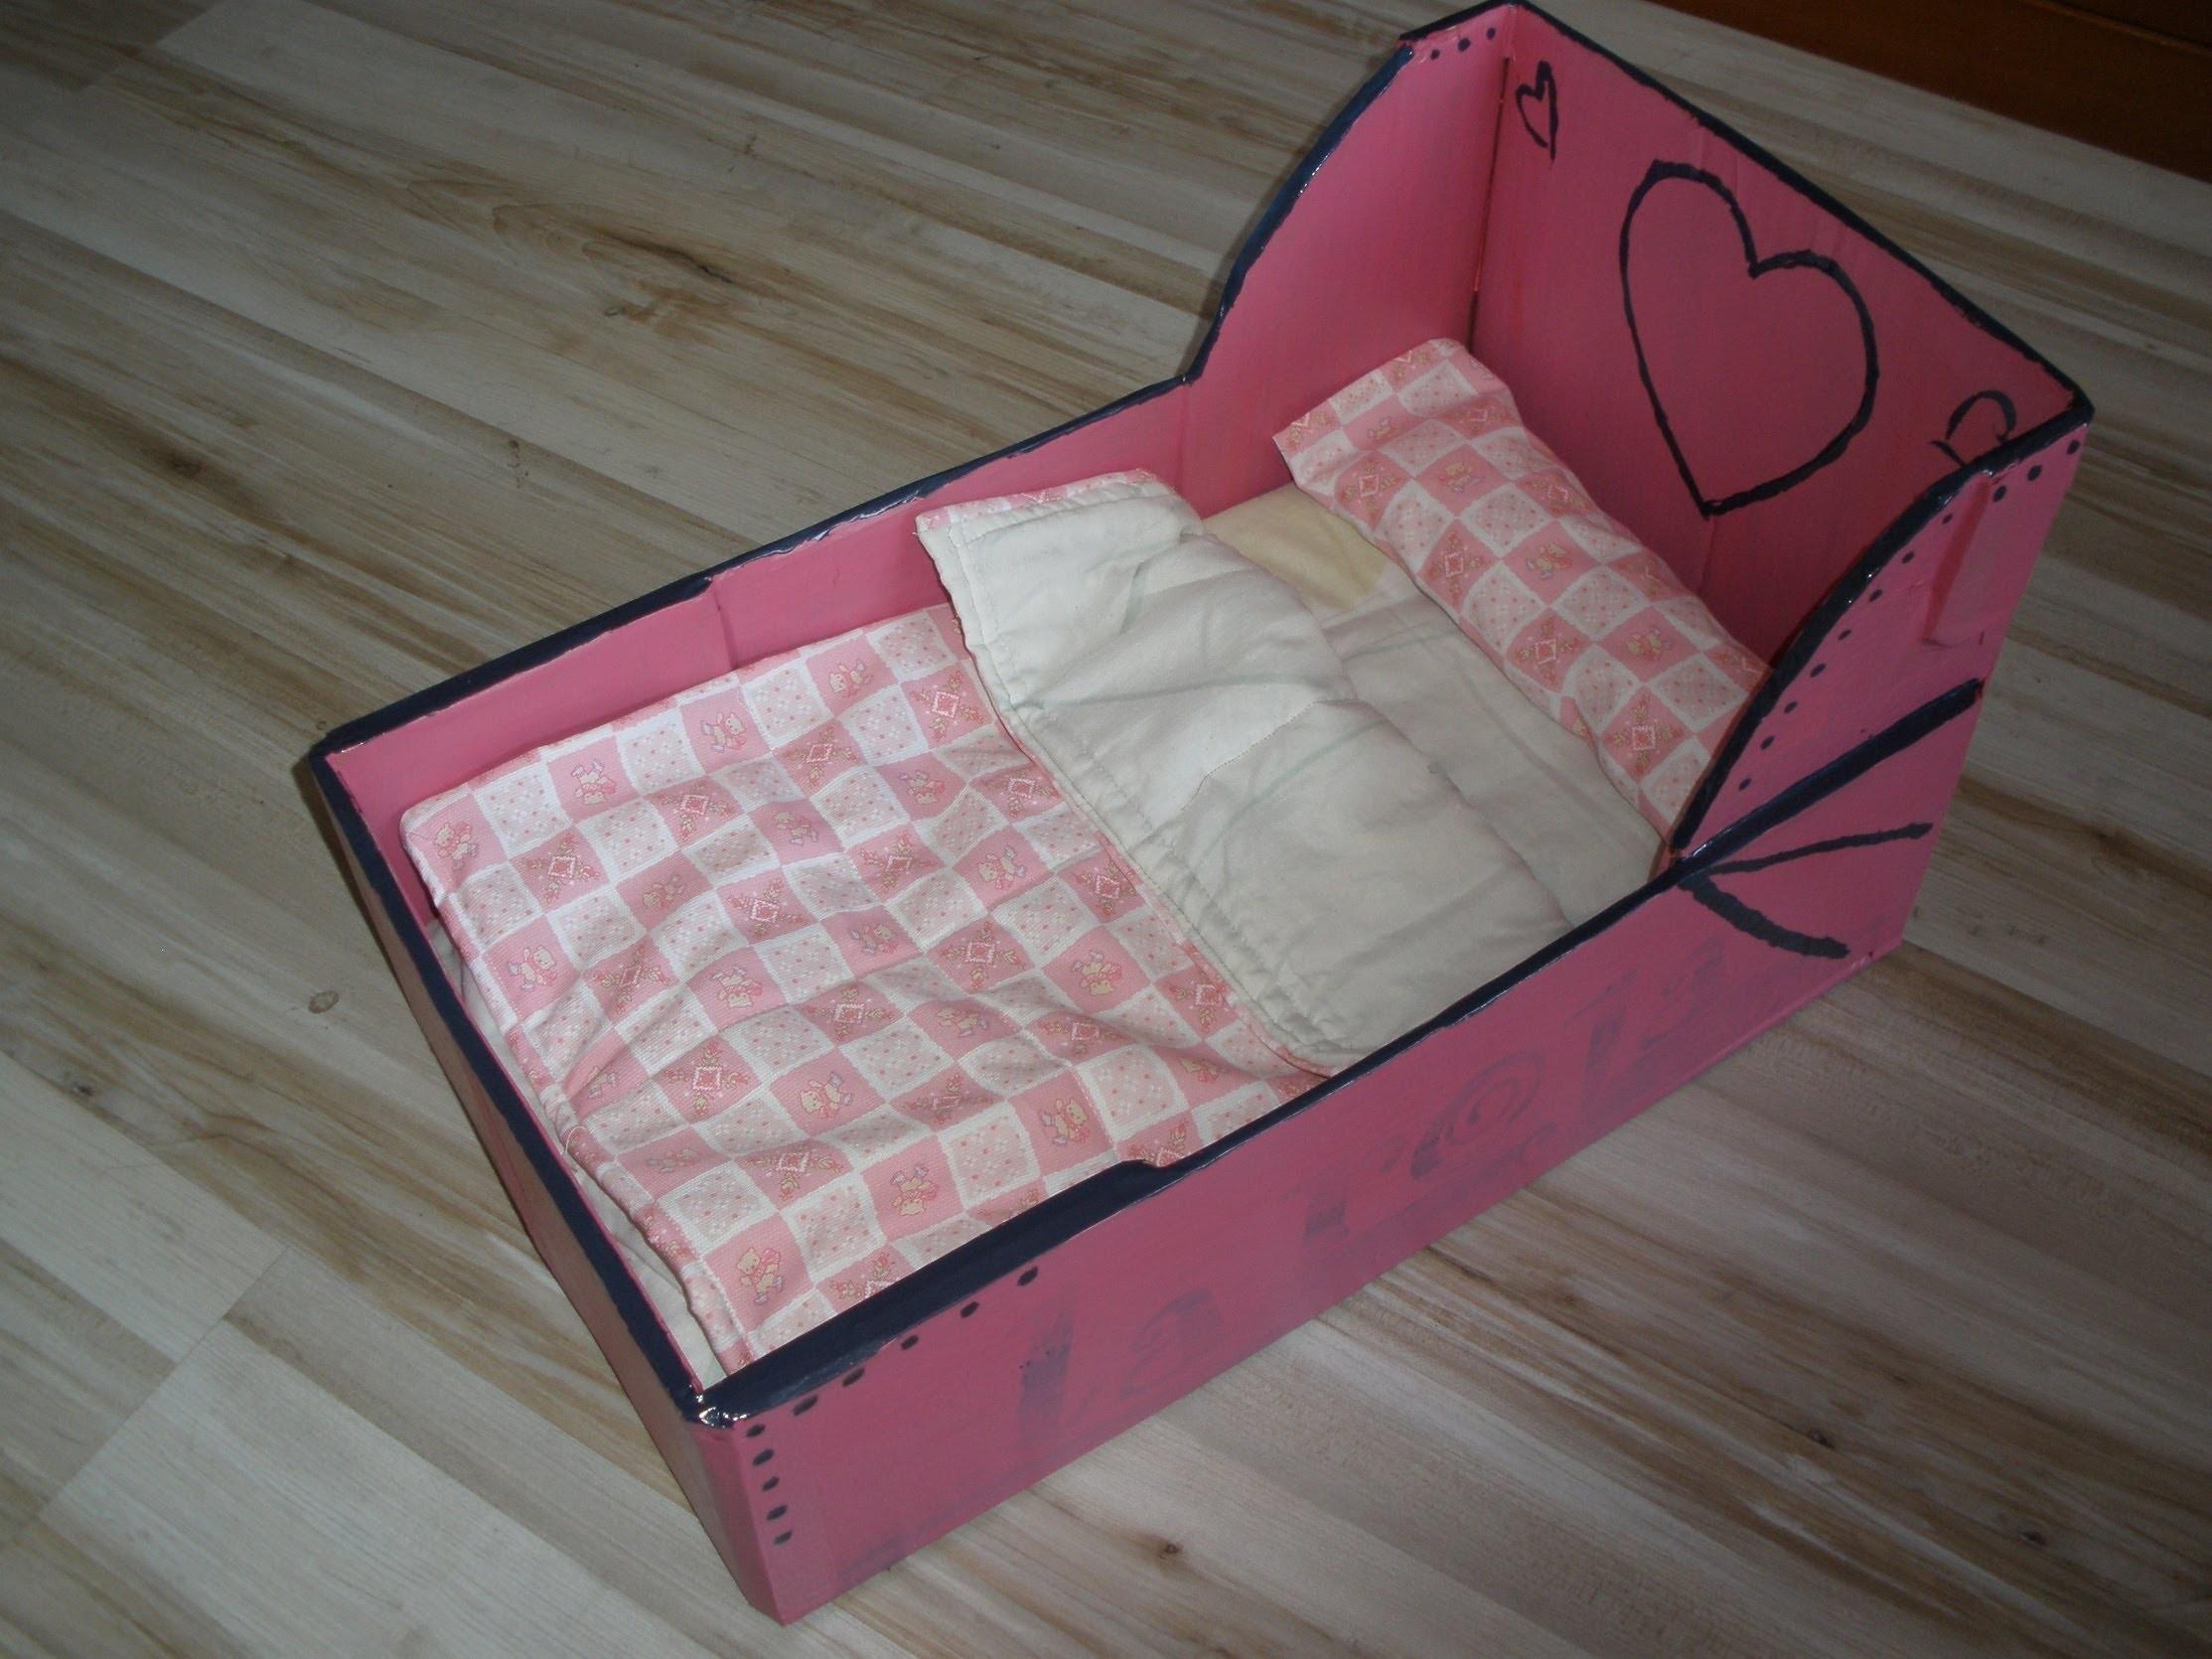 Sencilla Cama para muñecos con caja de fruta!! tutorial, manualidades, crafts bed for dolls.